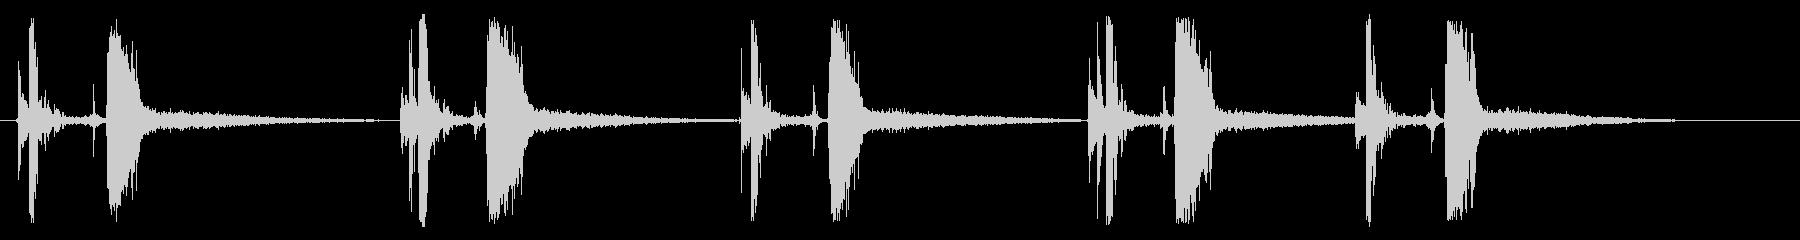 空気圧式ネイルガン:ファイブショッ...の未再生の波形